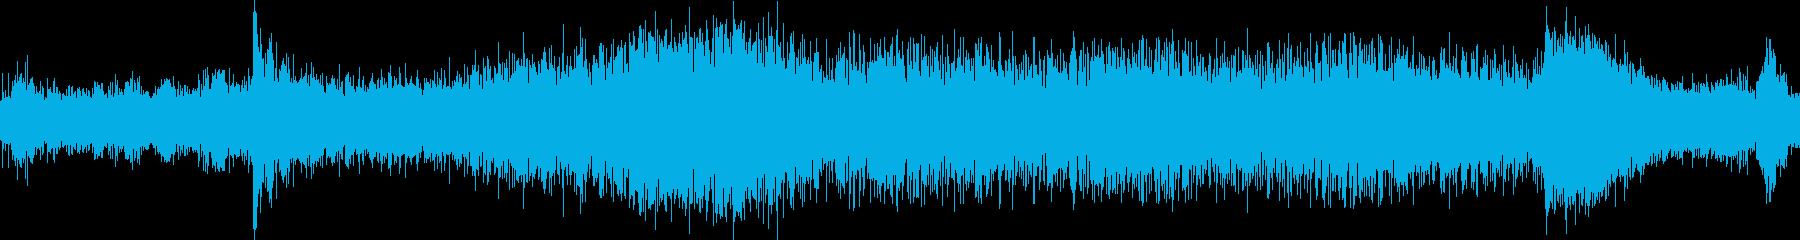 トラムの音の再生済みの波形